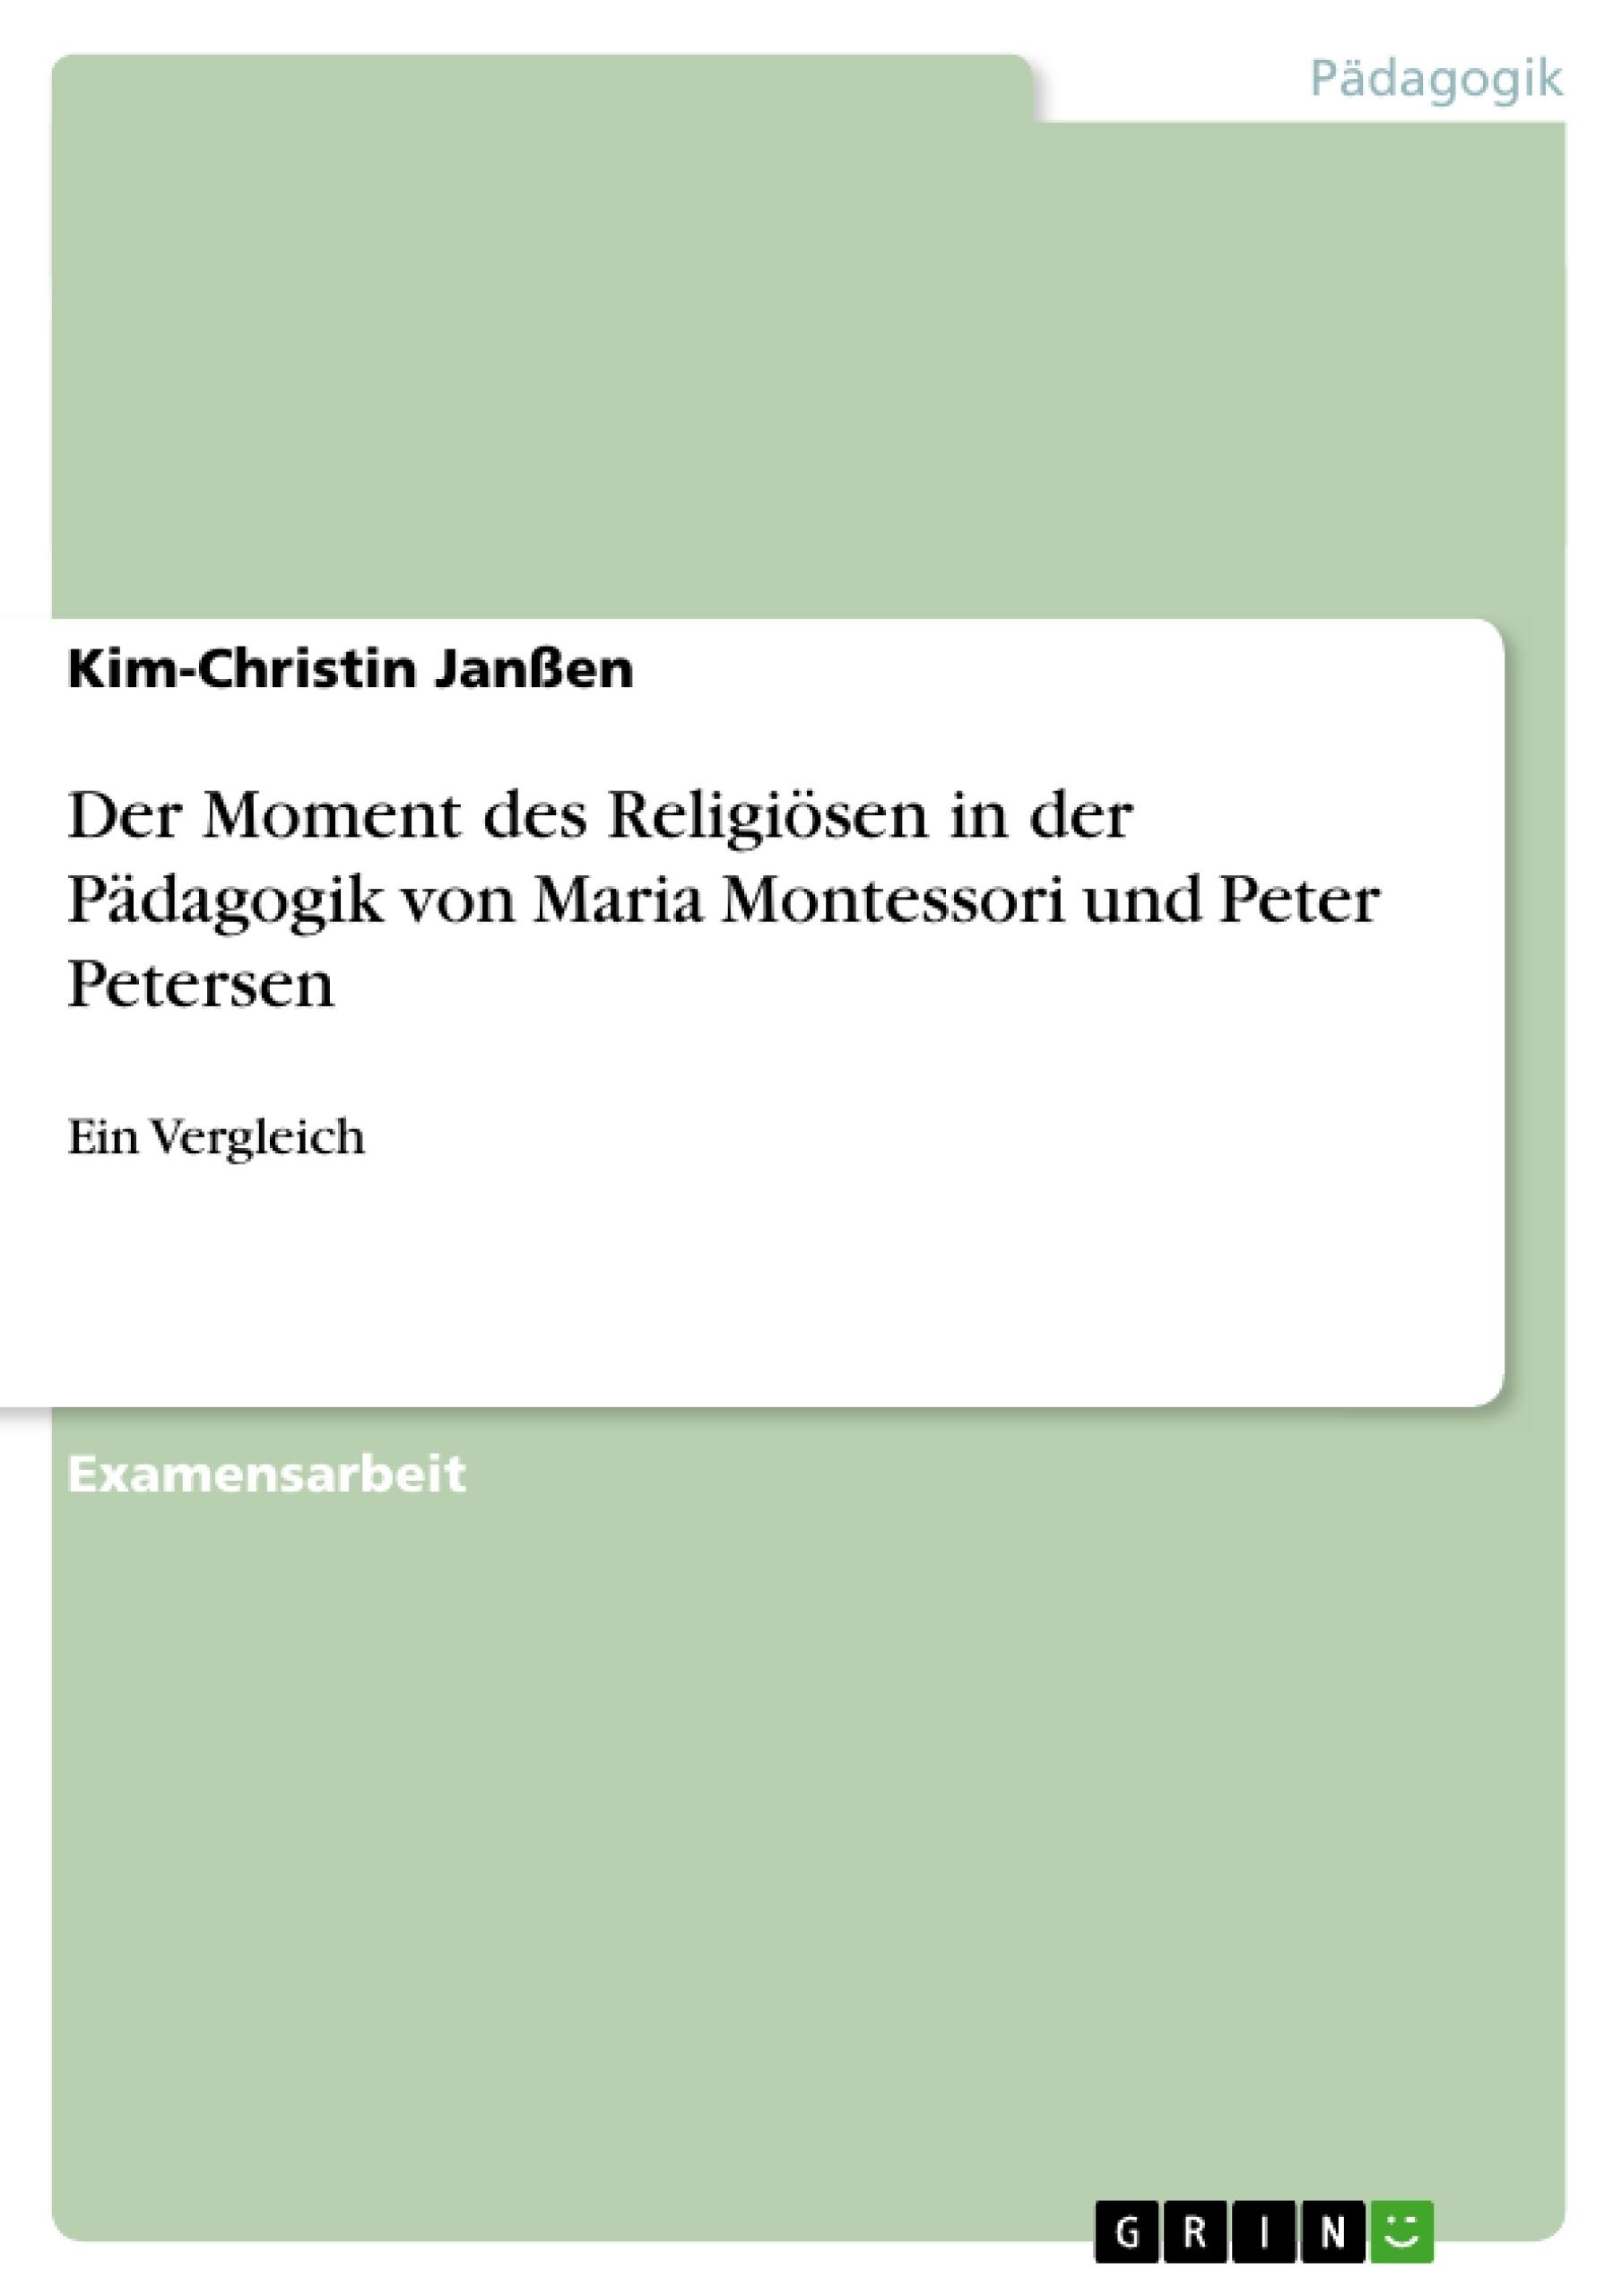 Titel: Der Moment des Religiösen in der Pädagogik von Maria Montessori und Peter Petersen